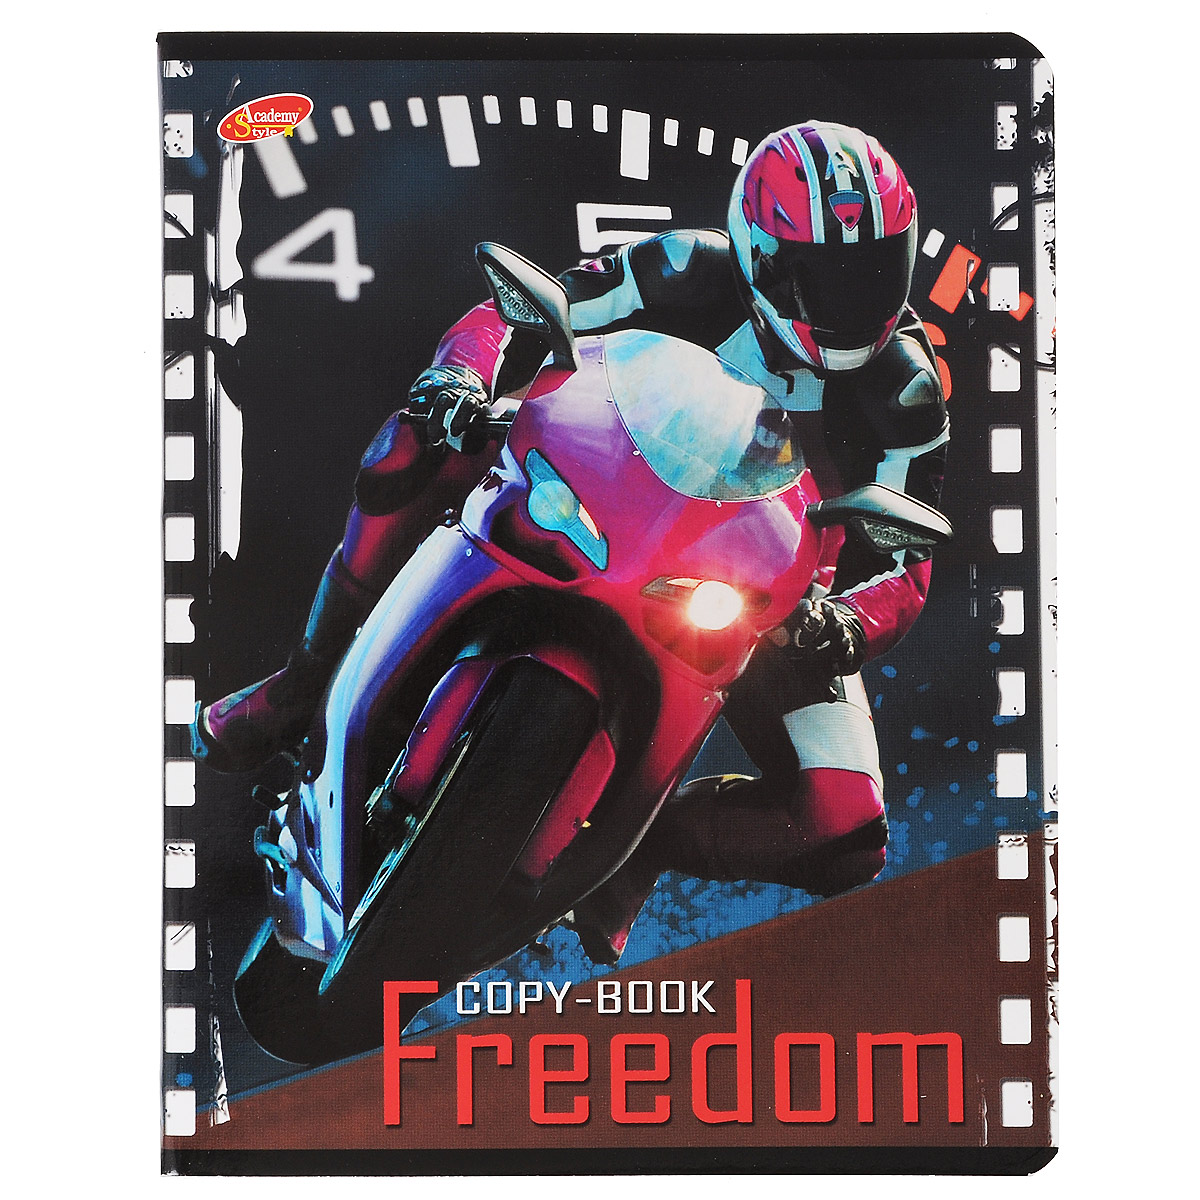 Тетрадь Freedom Мотоцикл, 80 листов, формат А5, цвет: розовый48Т4вмB3Тетрадь в клетку Freedom Мотоцикл с красочным изображением мотоцикла на обложке подойдет как студенту, так и школьнику. Обложка тетради с закругленными углами выполнена из картона. Внутренний блок состоит из 80 листов белой бумаги. Стандартная линовка в клетку дополнена полями, совпадающими с лицевой и оборотной стороны листа.